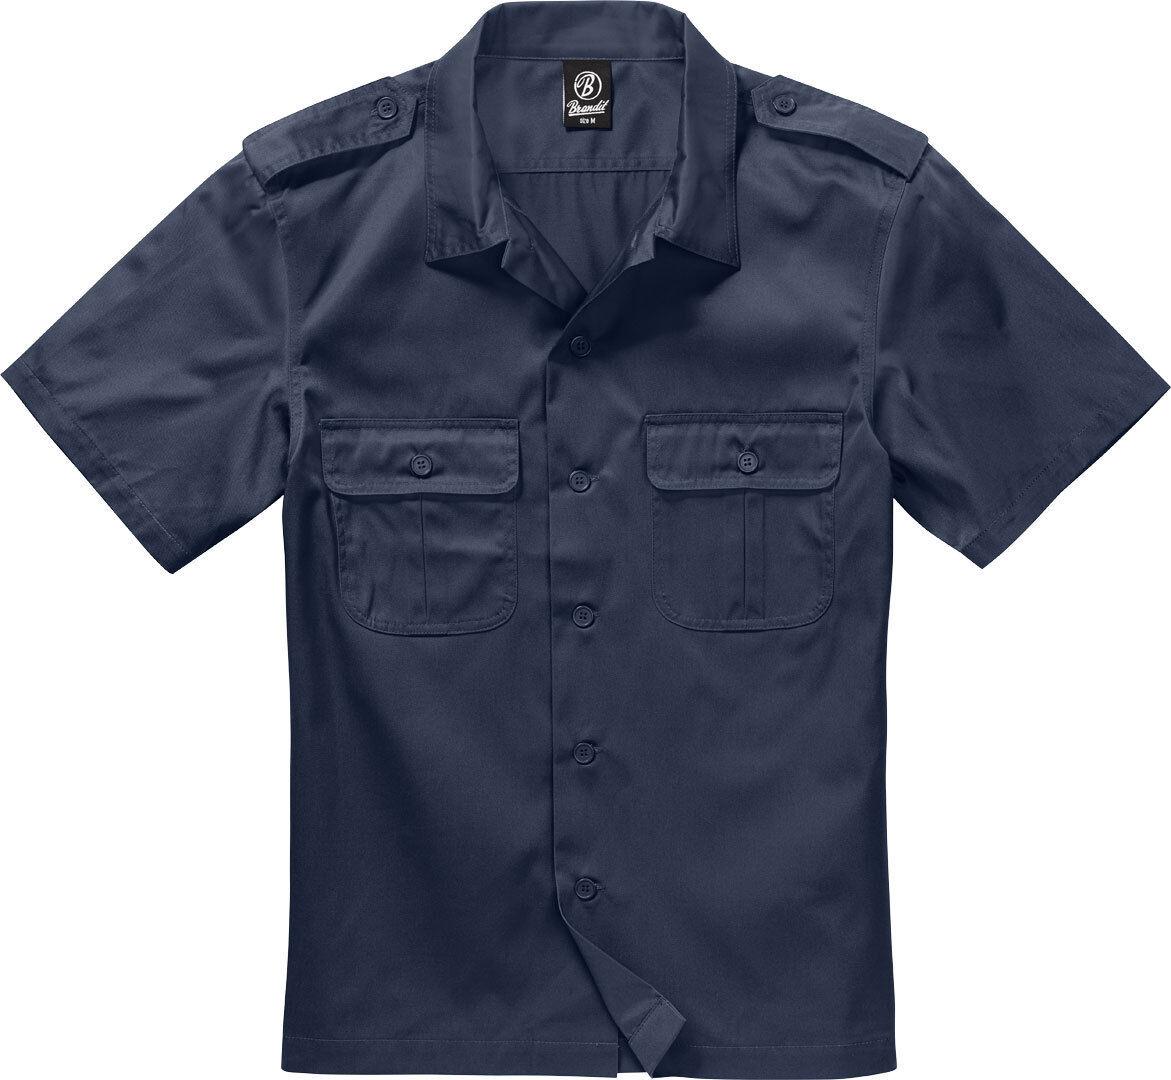 Brandit Us 1/2 Paita  - Sininen - Size: 6XL